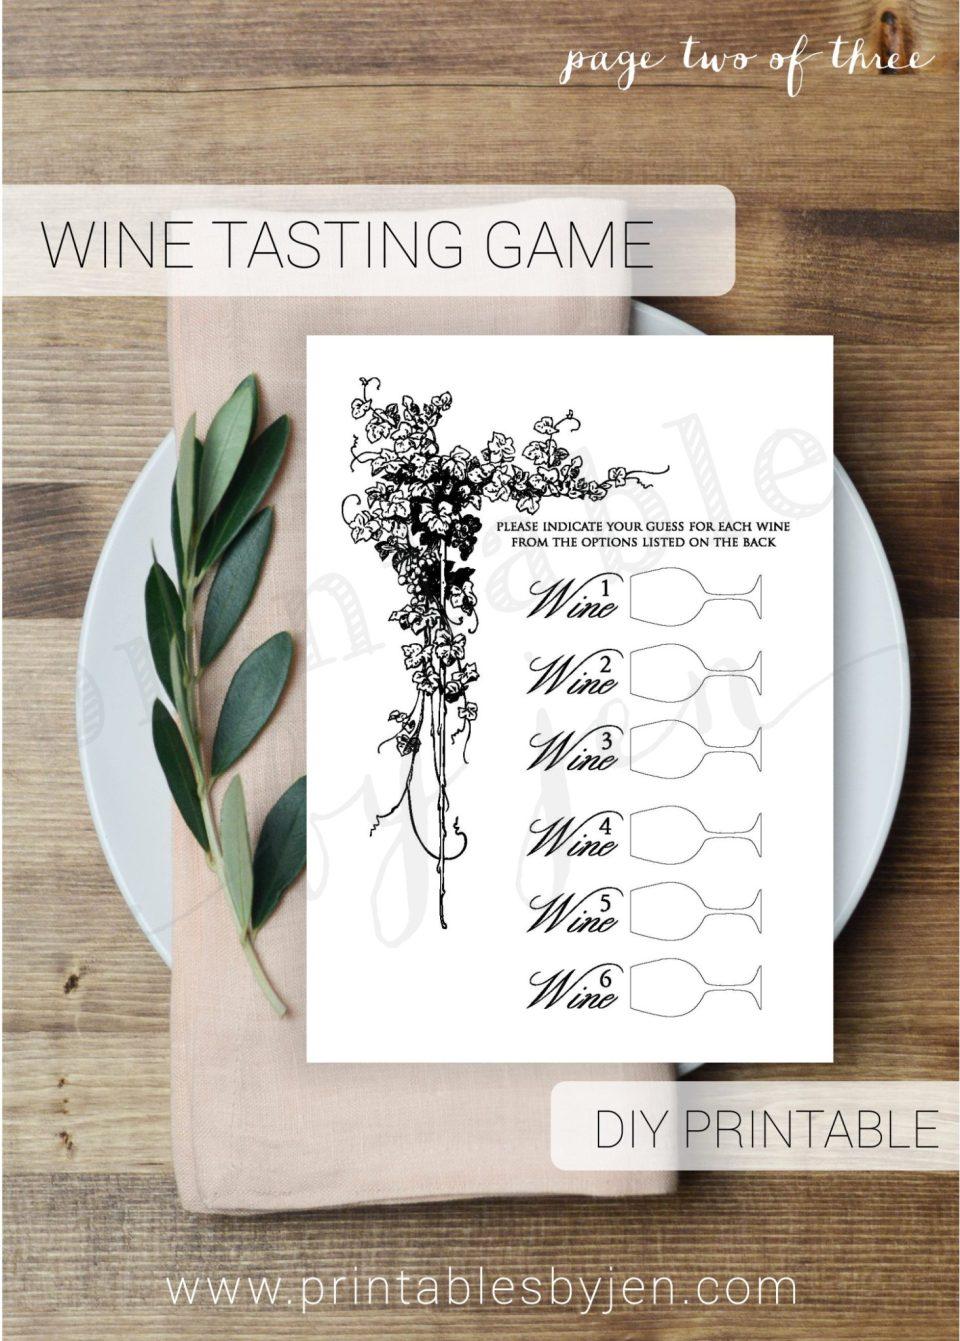 Wine Tasting Game DIY Printable File